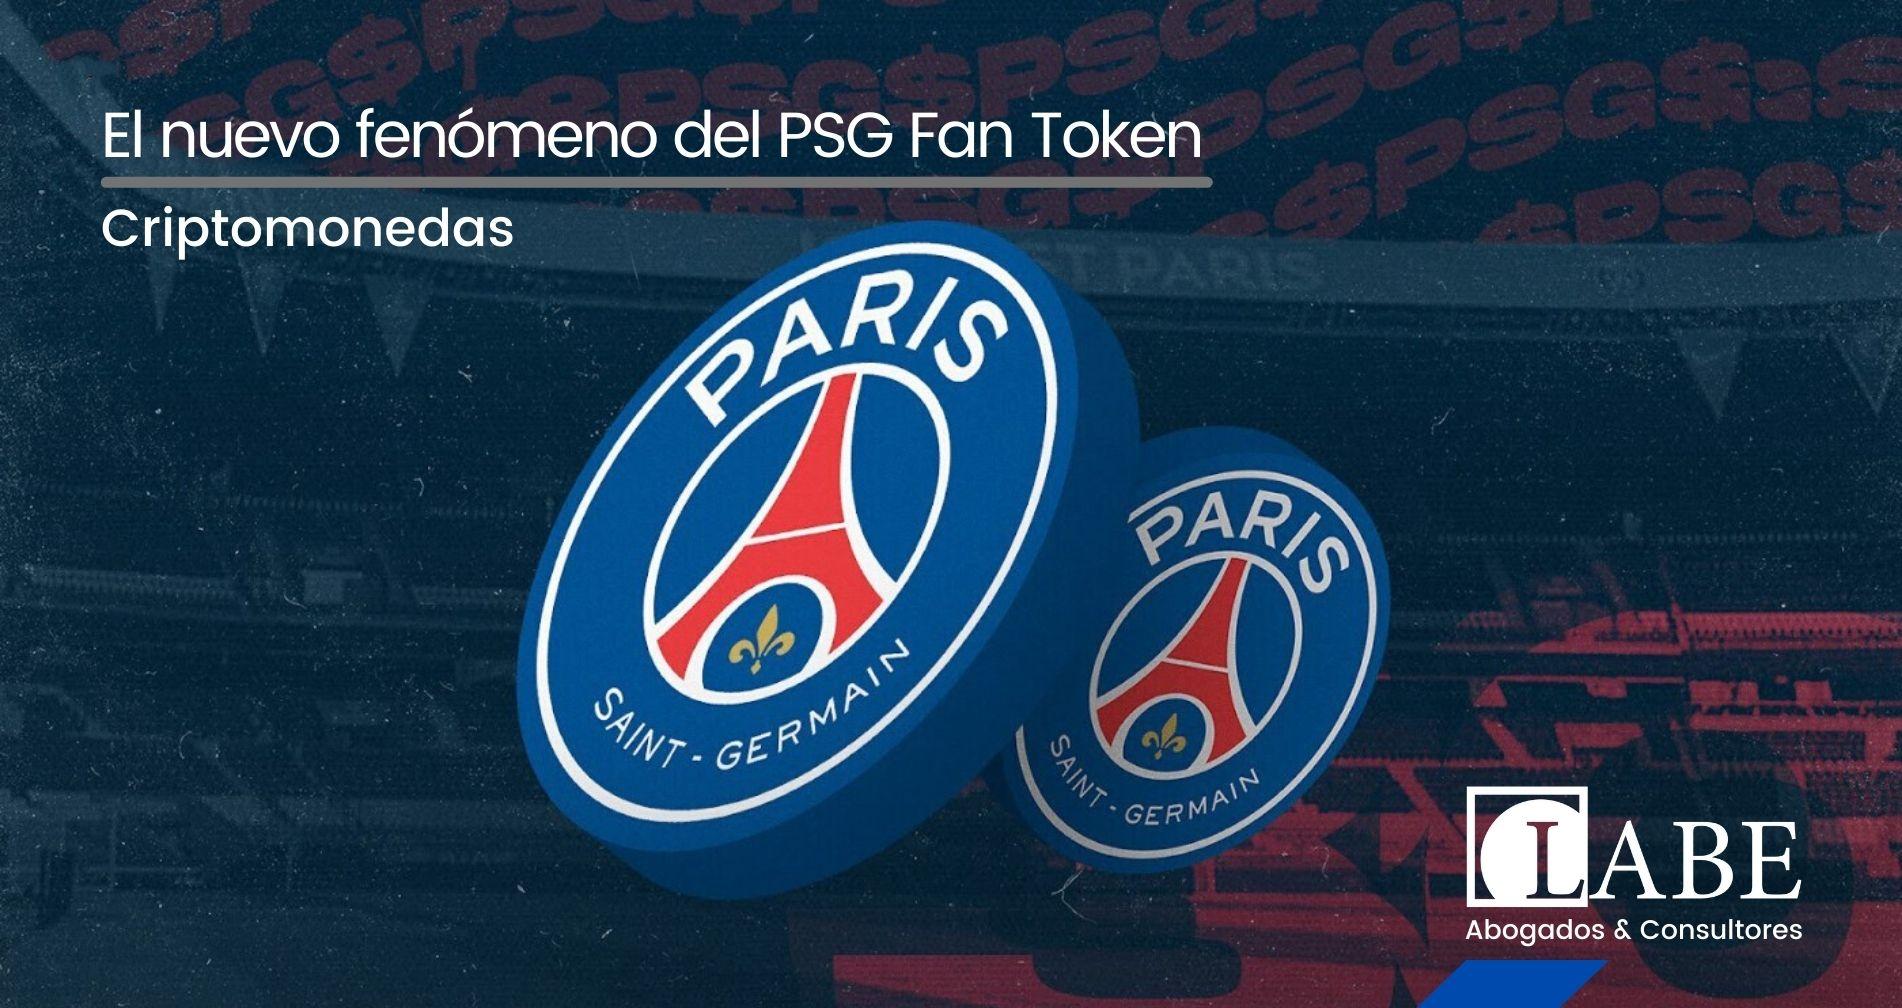 Fan Token del PSG